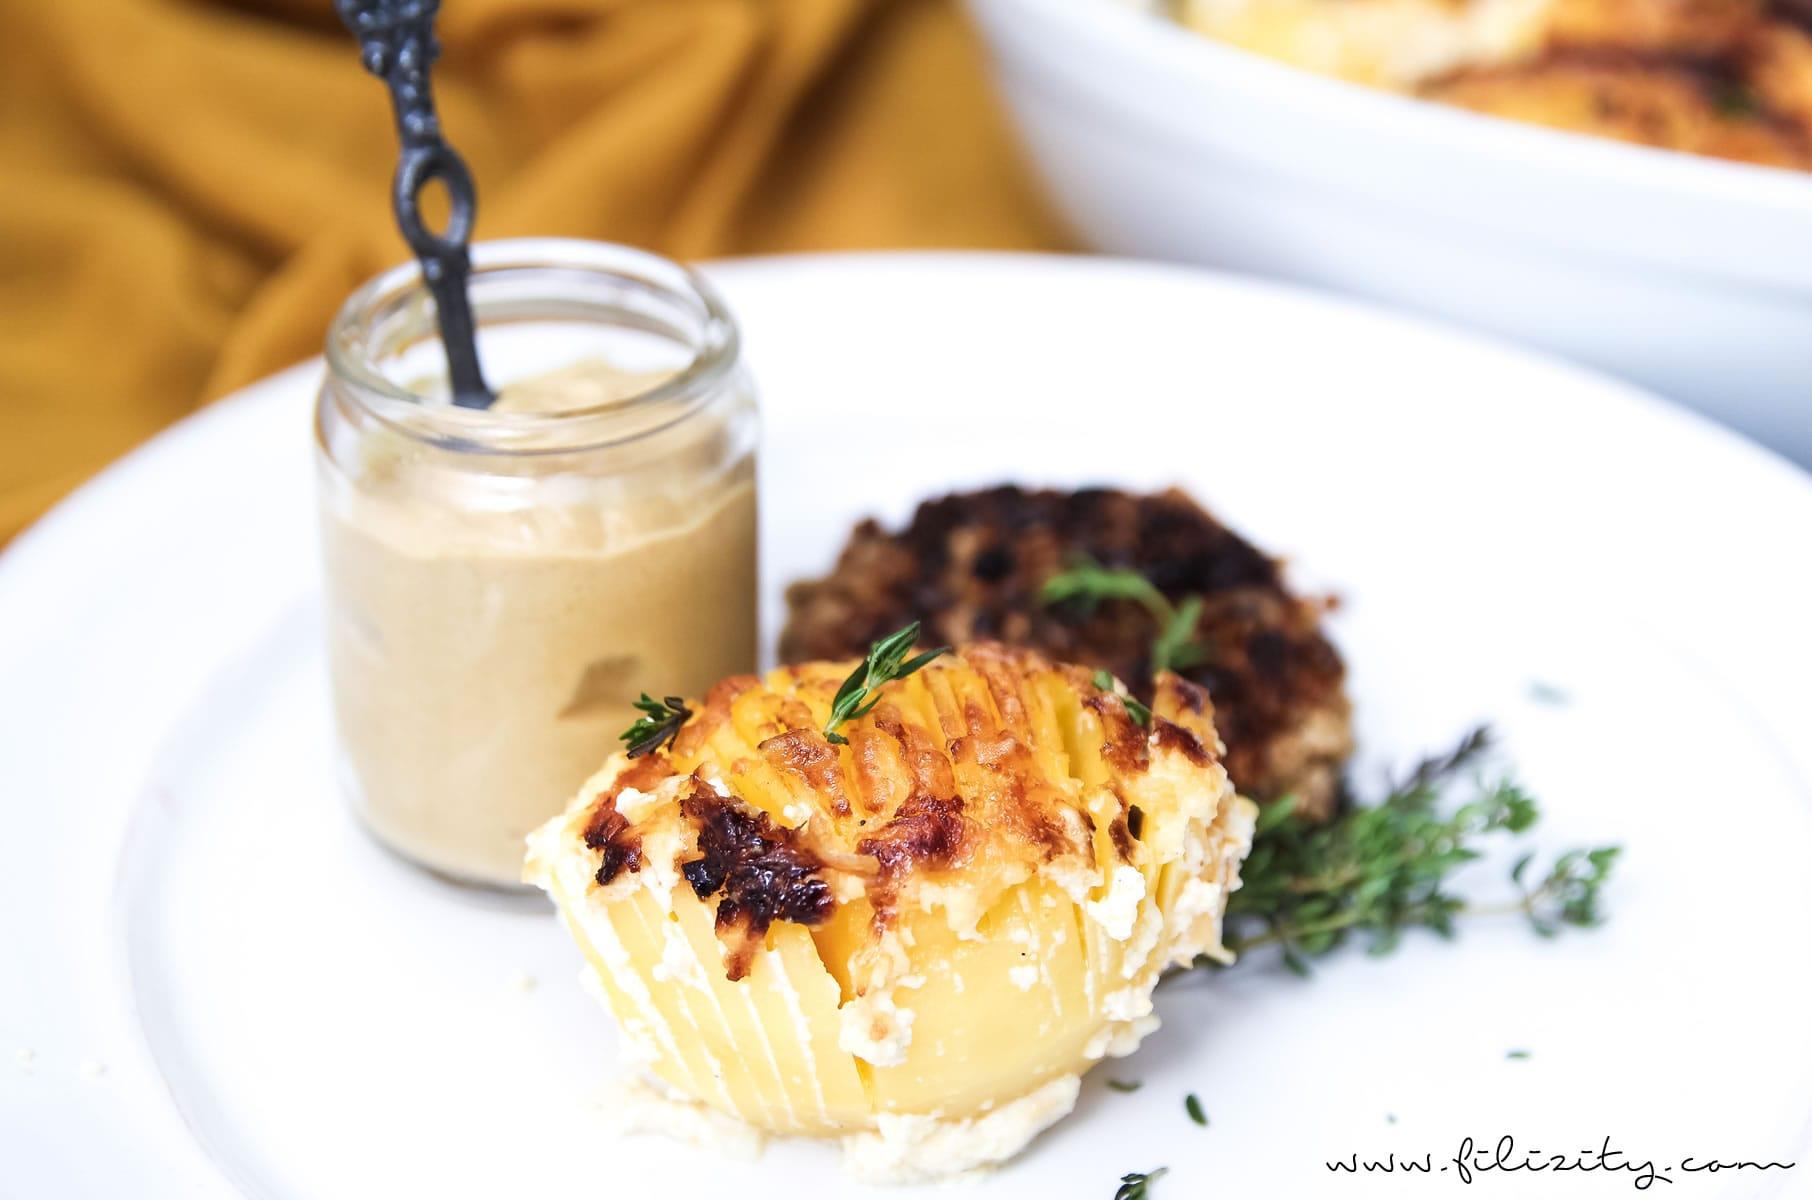 Rezept für Kartoffelgratin mit Fächerkartoffeln (Hasselback Potatoes) - perfekt als Beilage und Party-Food